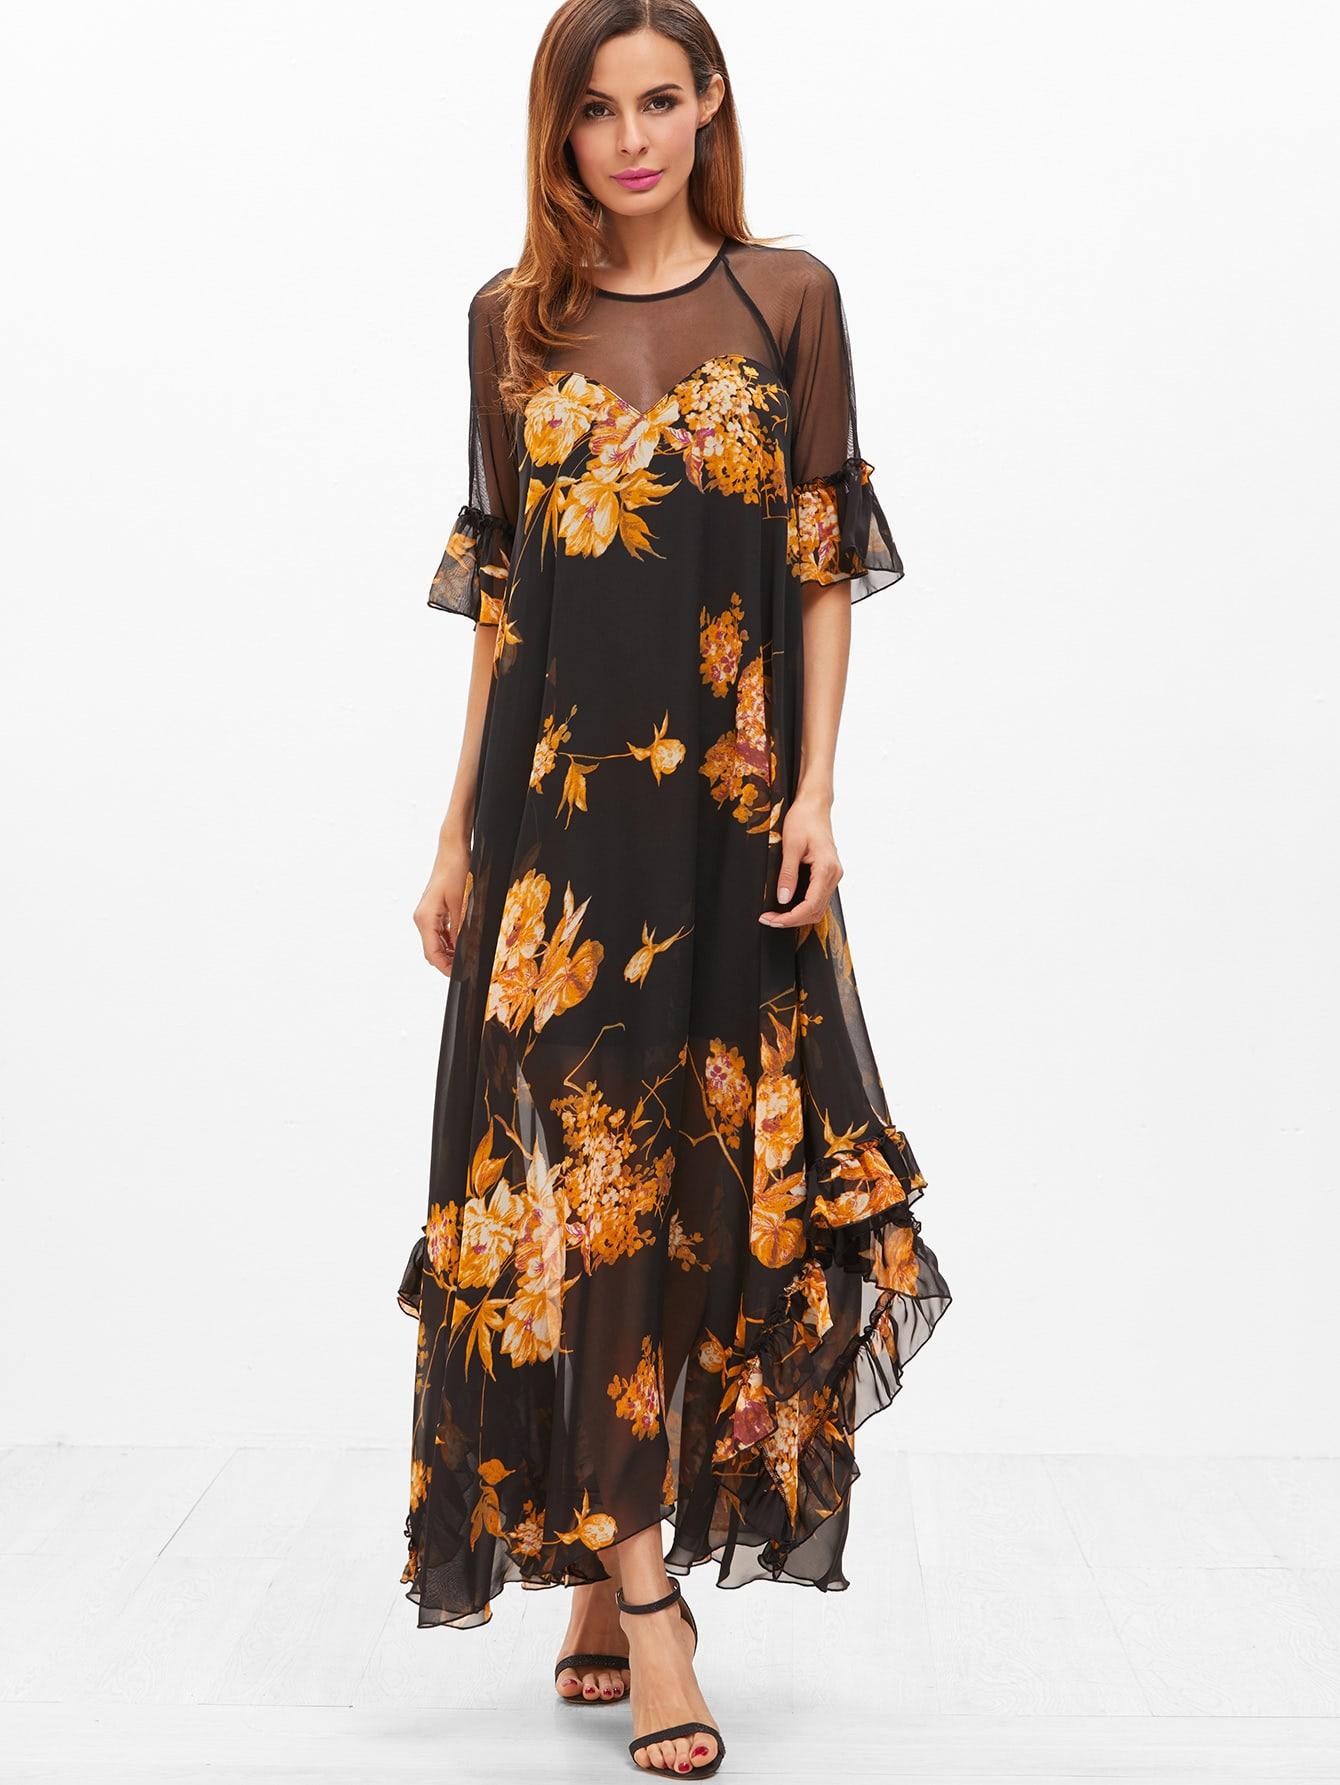 dress161216451_2